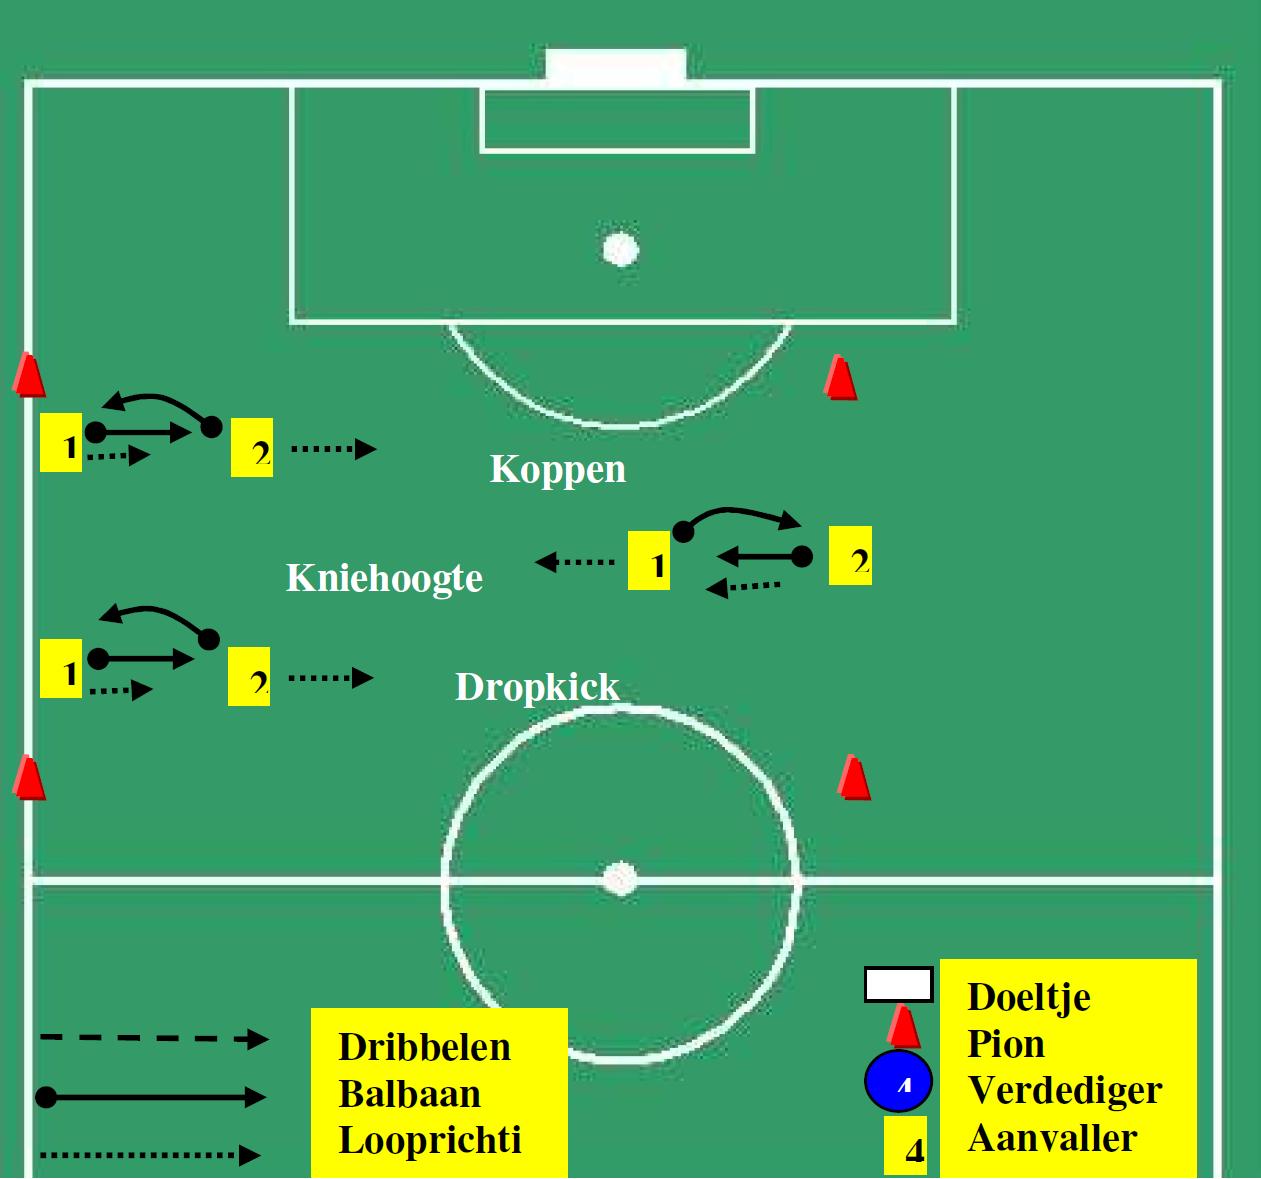 verbeteren-koppen-volley-en-dropkick-1